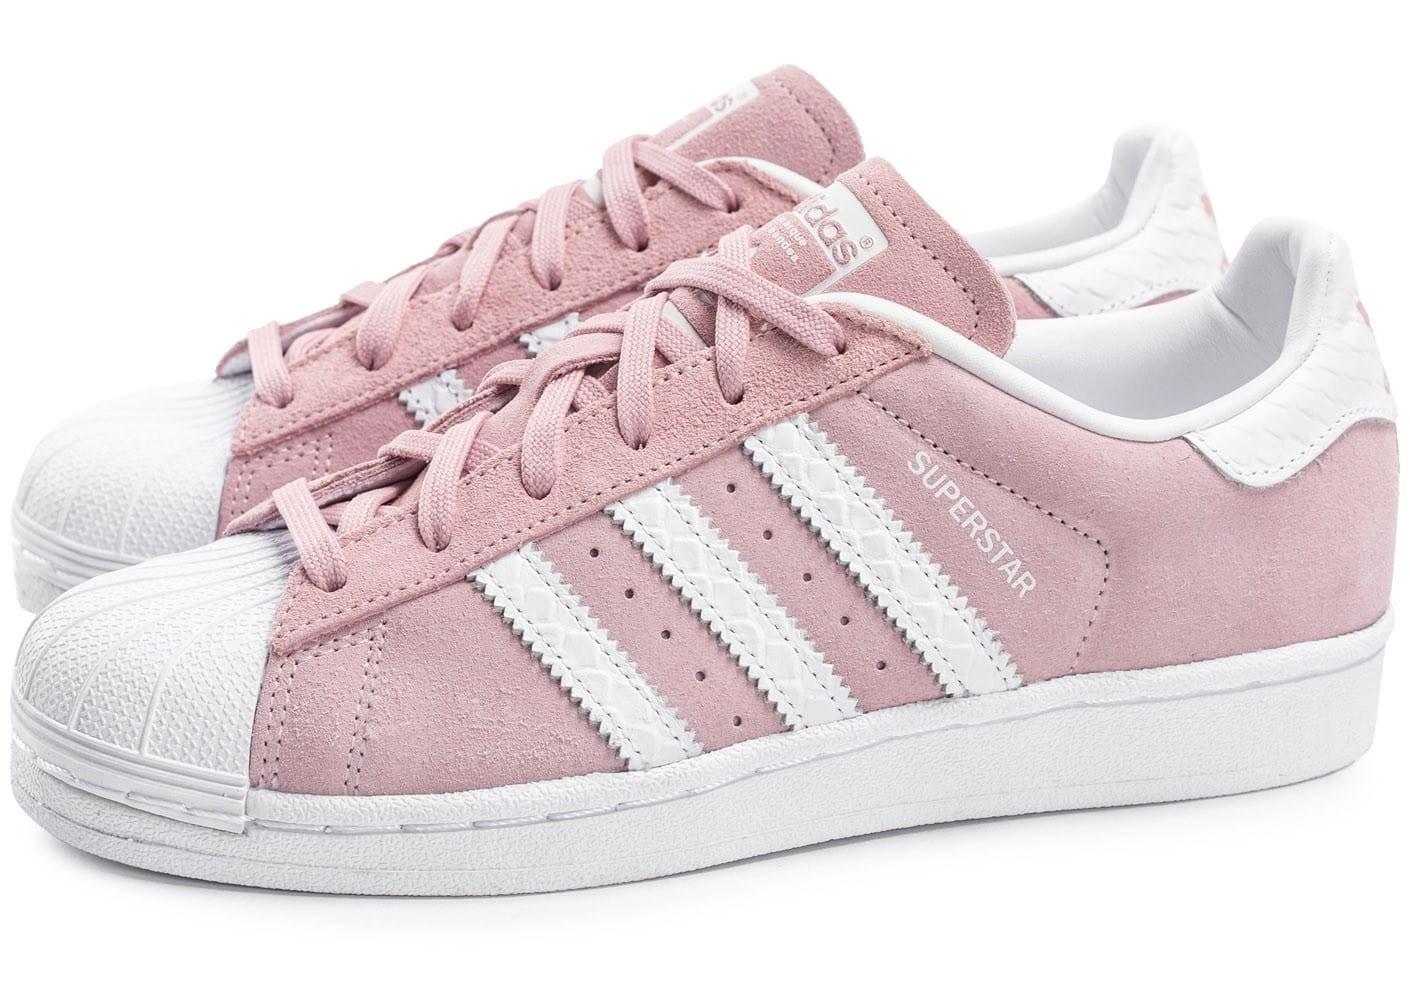 Ligne Superstar En Adidas Rose Avis Pas Pale Cher zq7qw0d